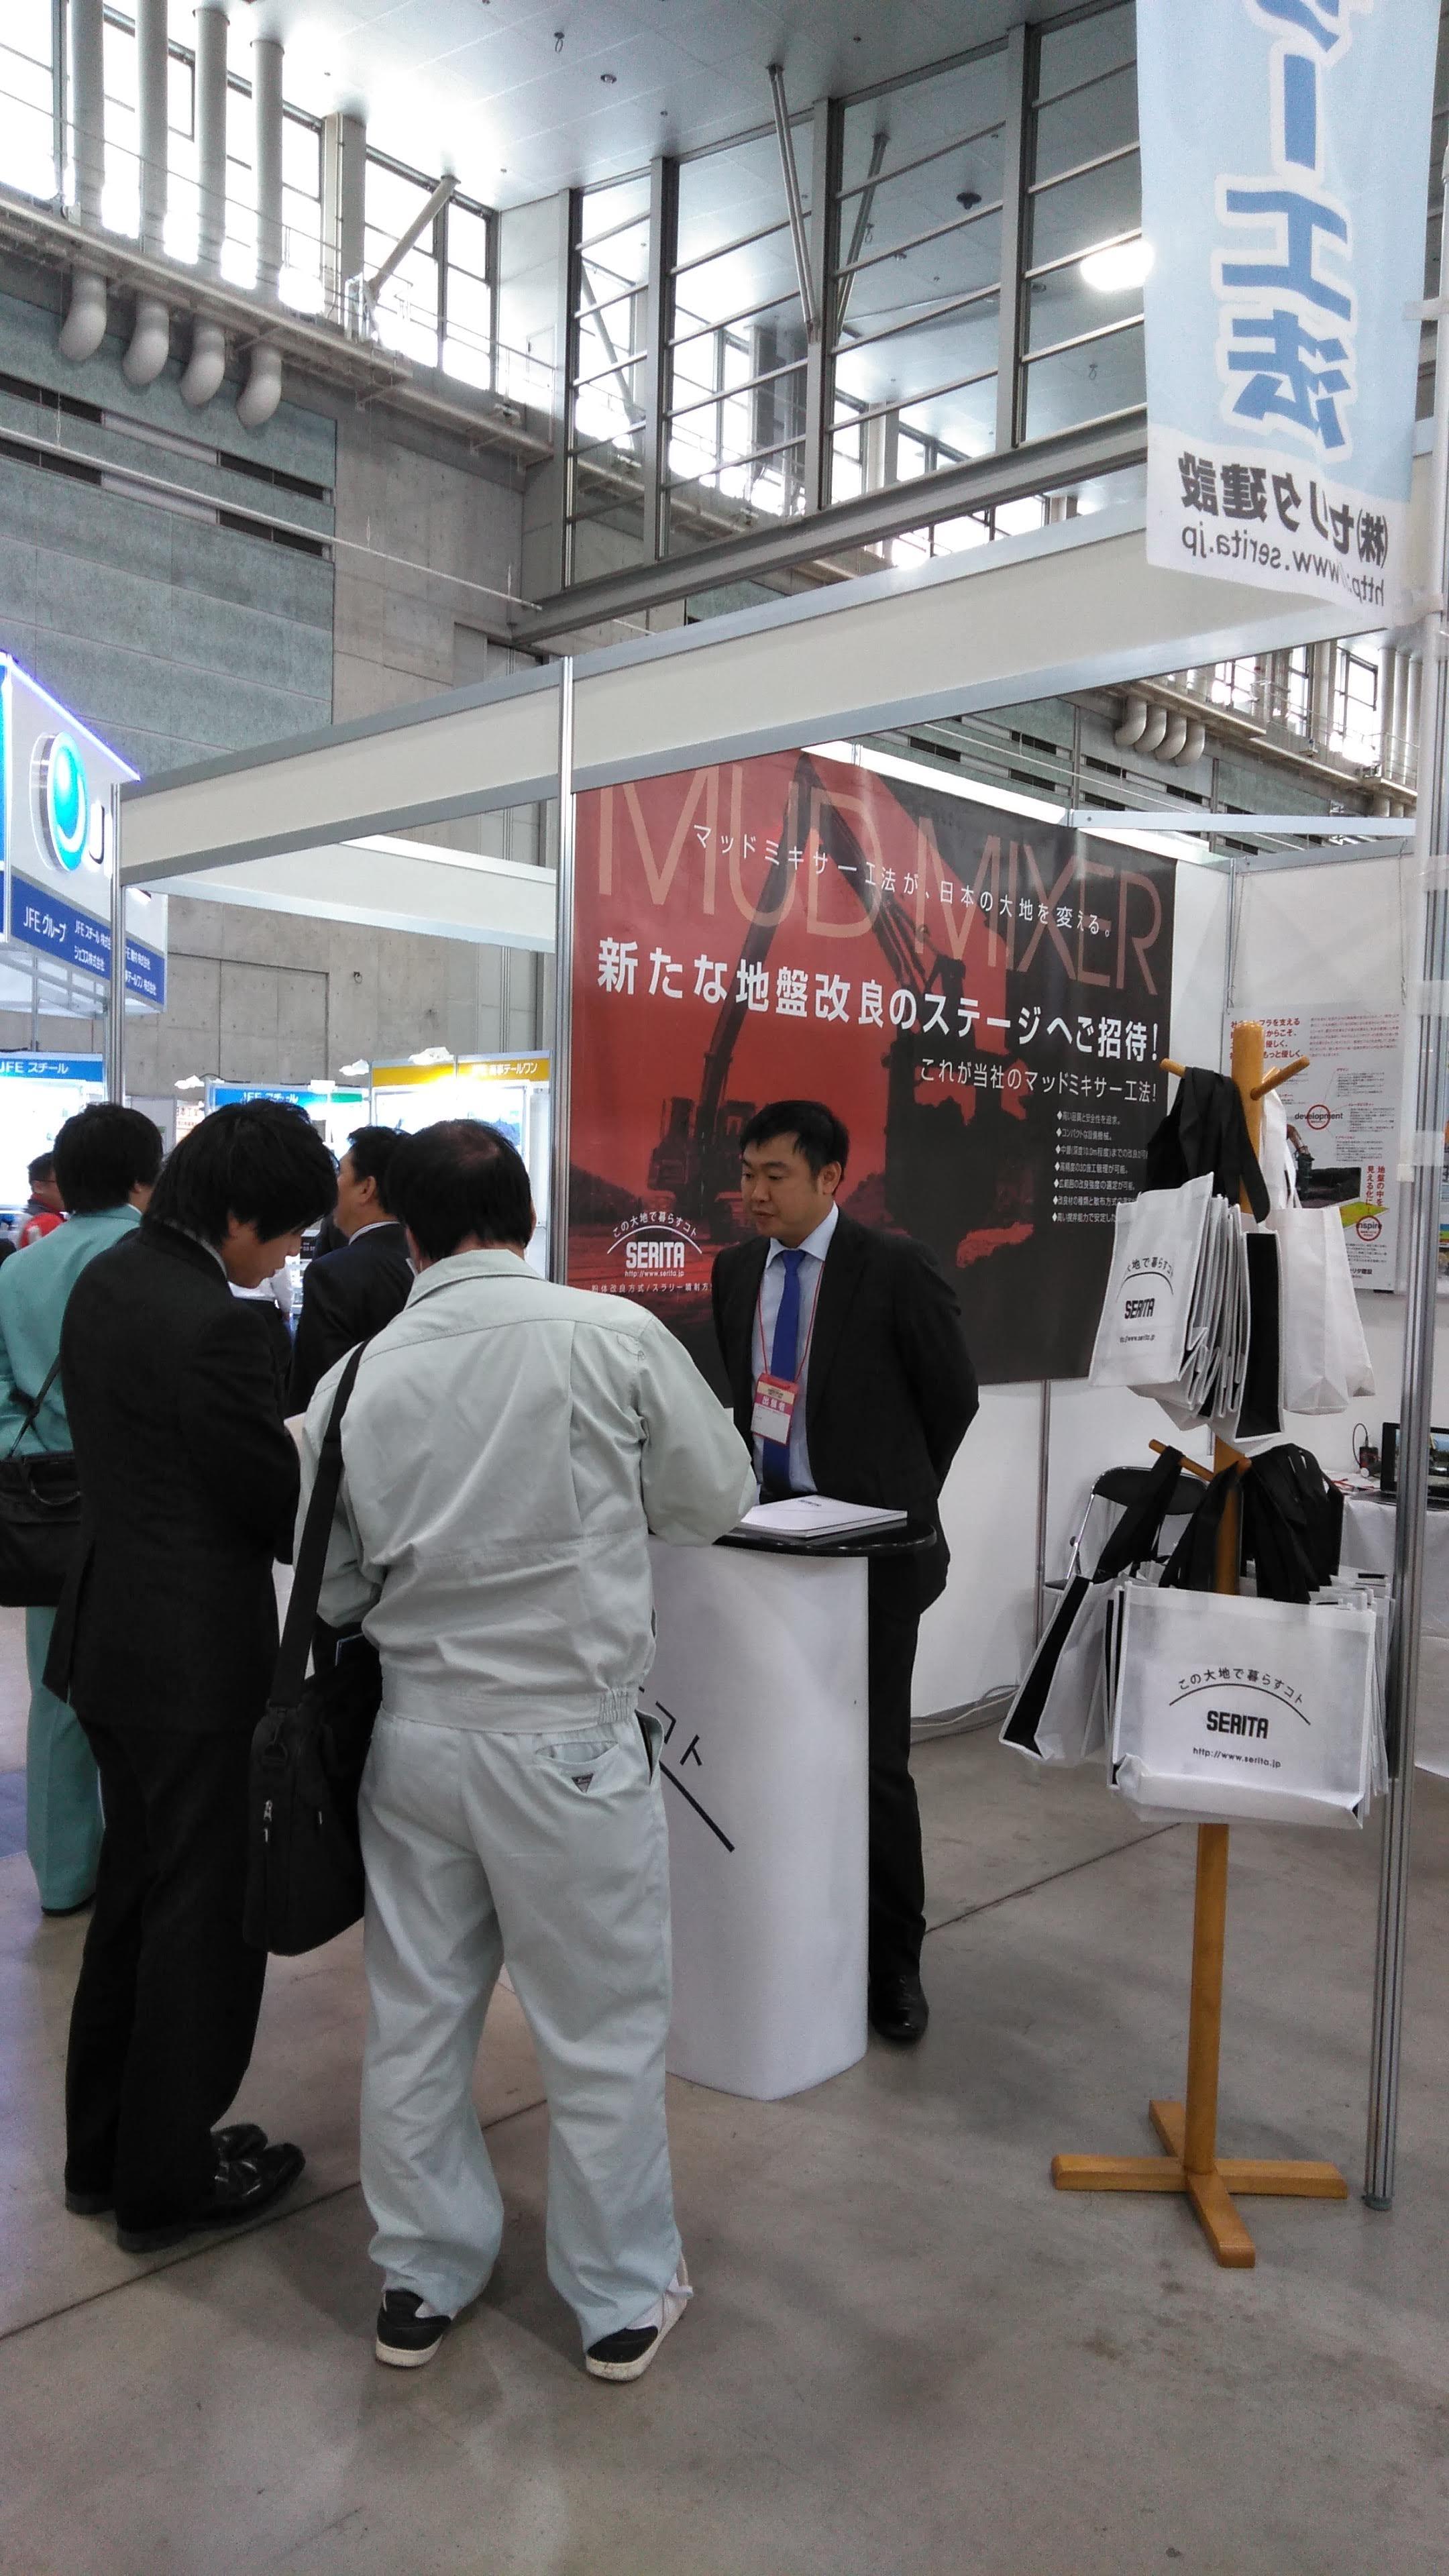 「先進建設・防災・減災技術フェアin熊本」 御来場ありがとうございました